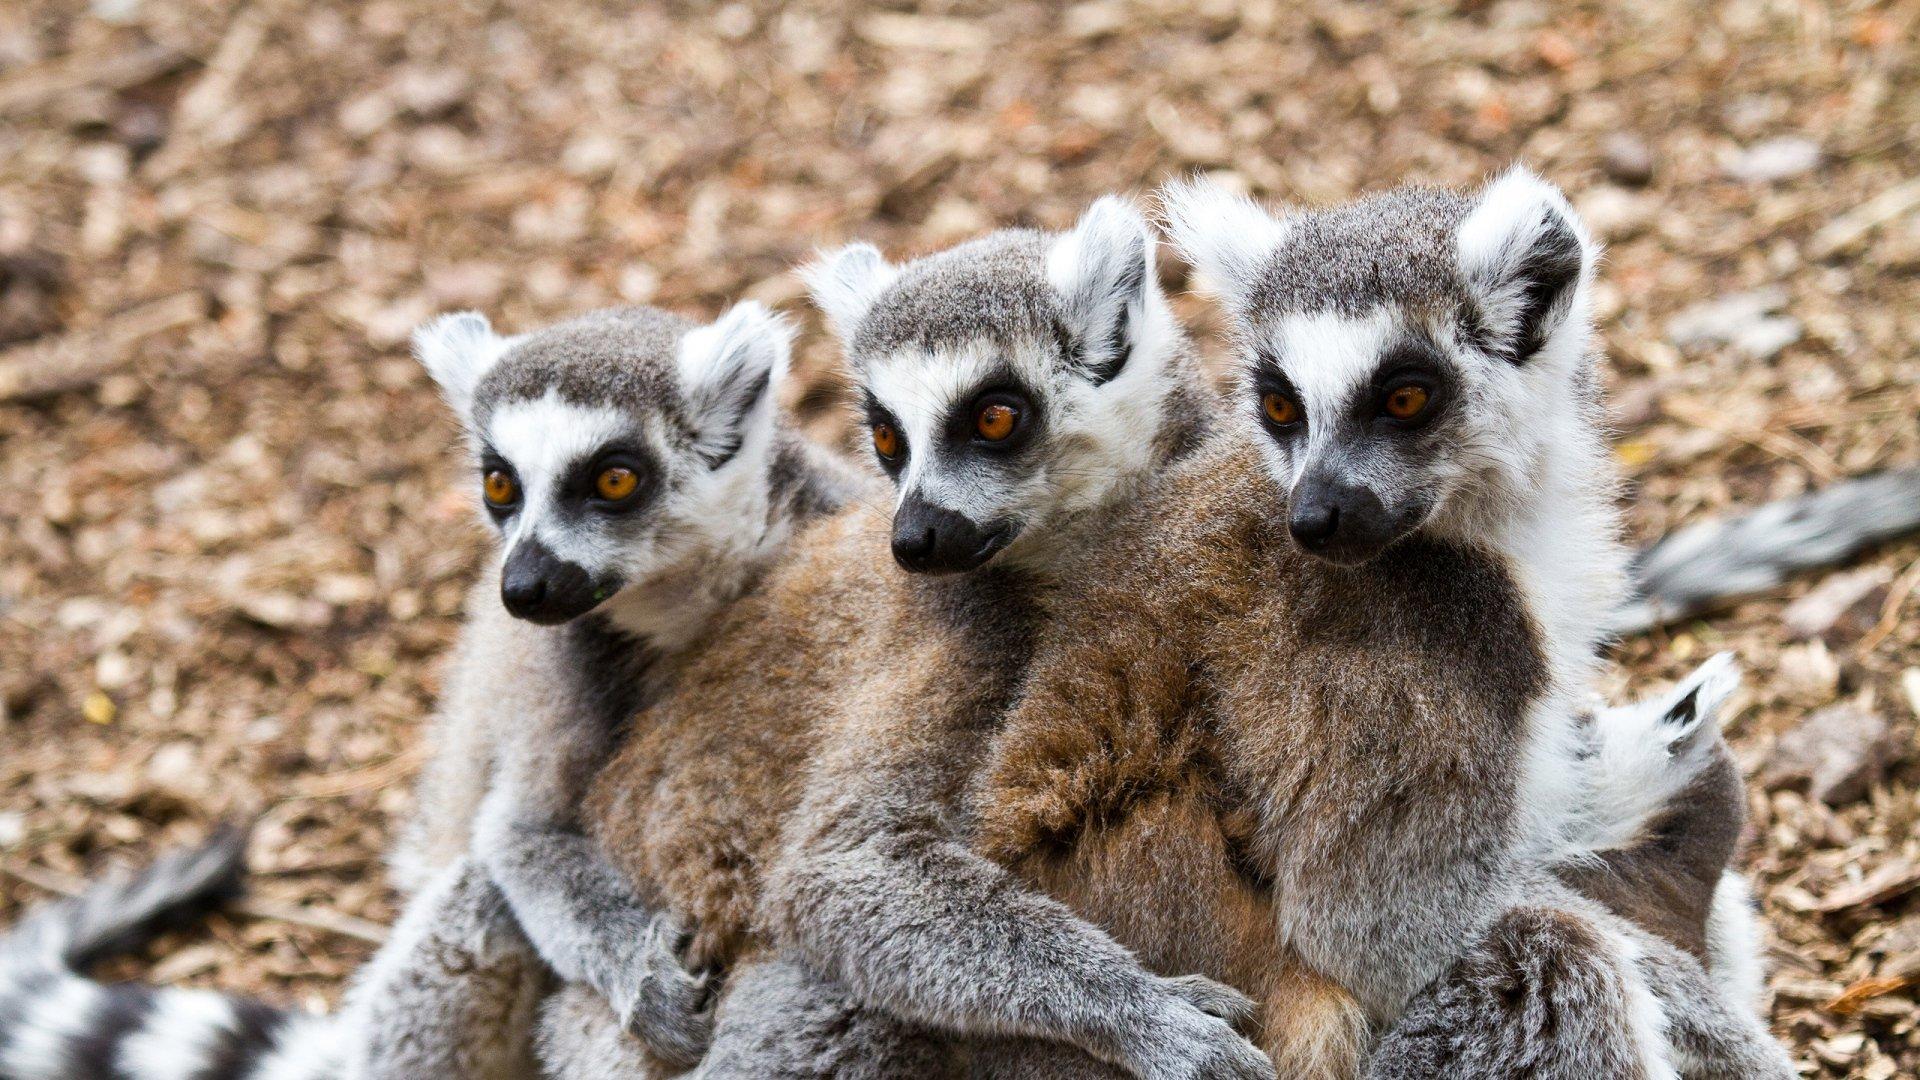 Lemur wallpaper download